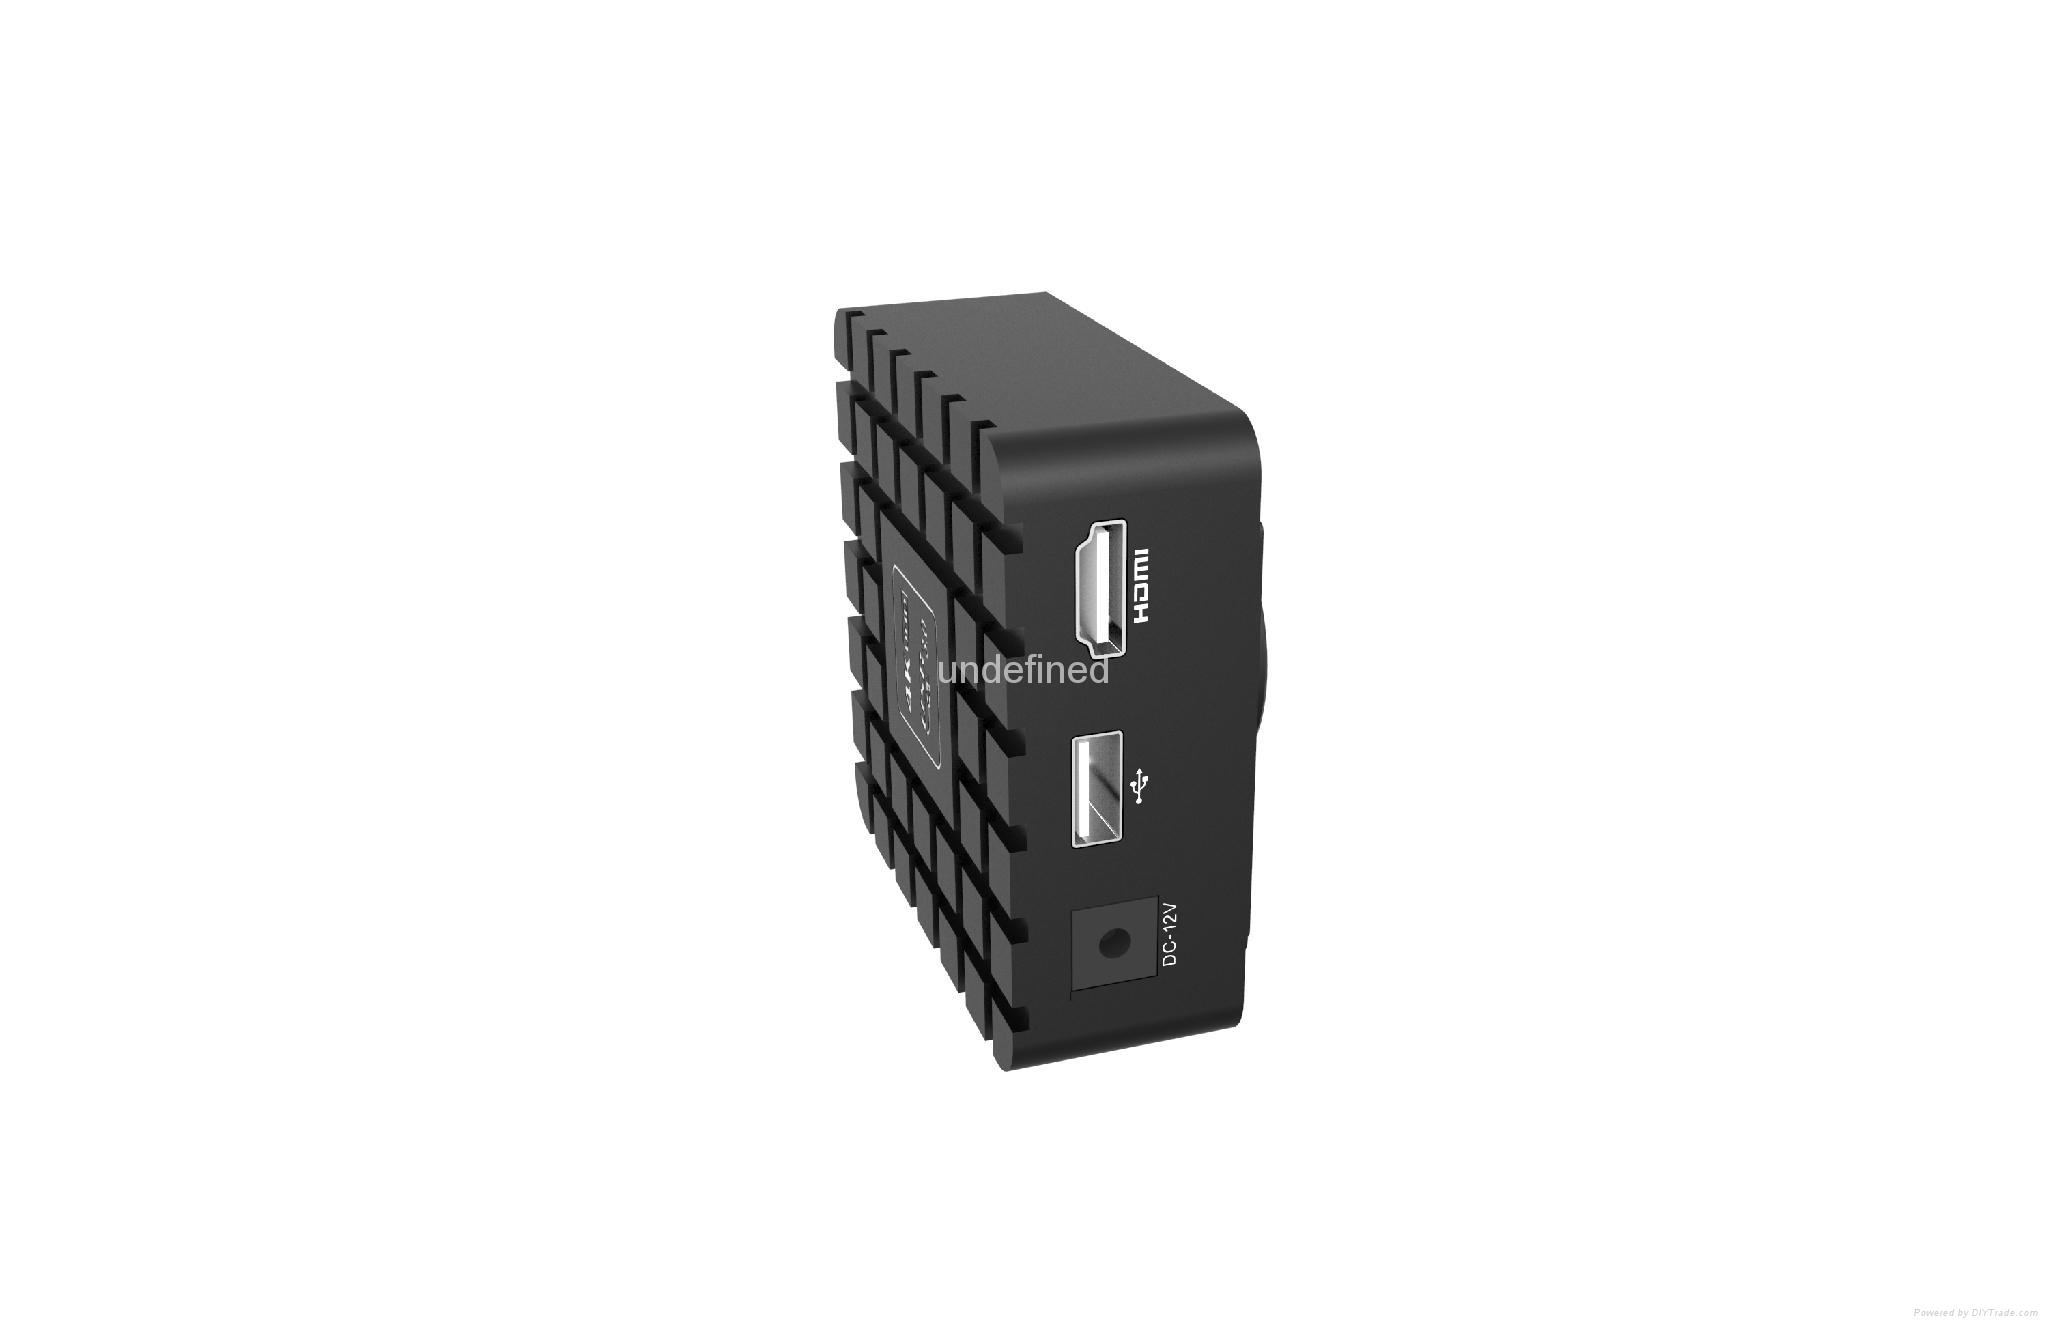 4K HDMI camera USB3.0 digital camera 2